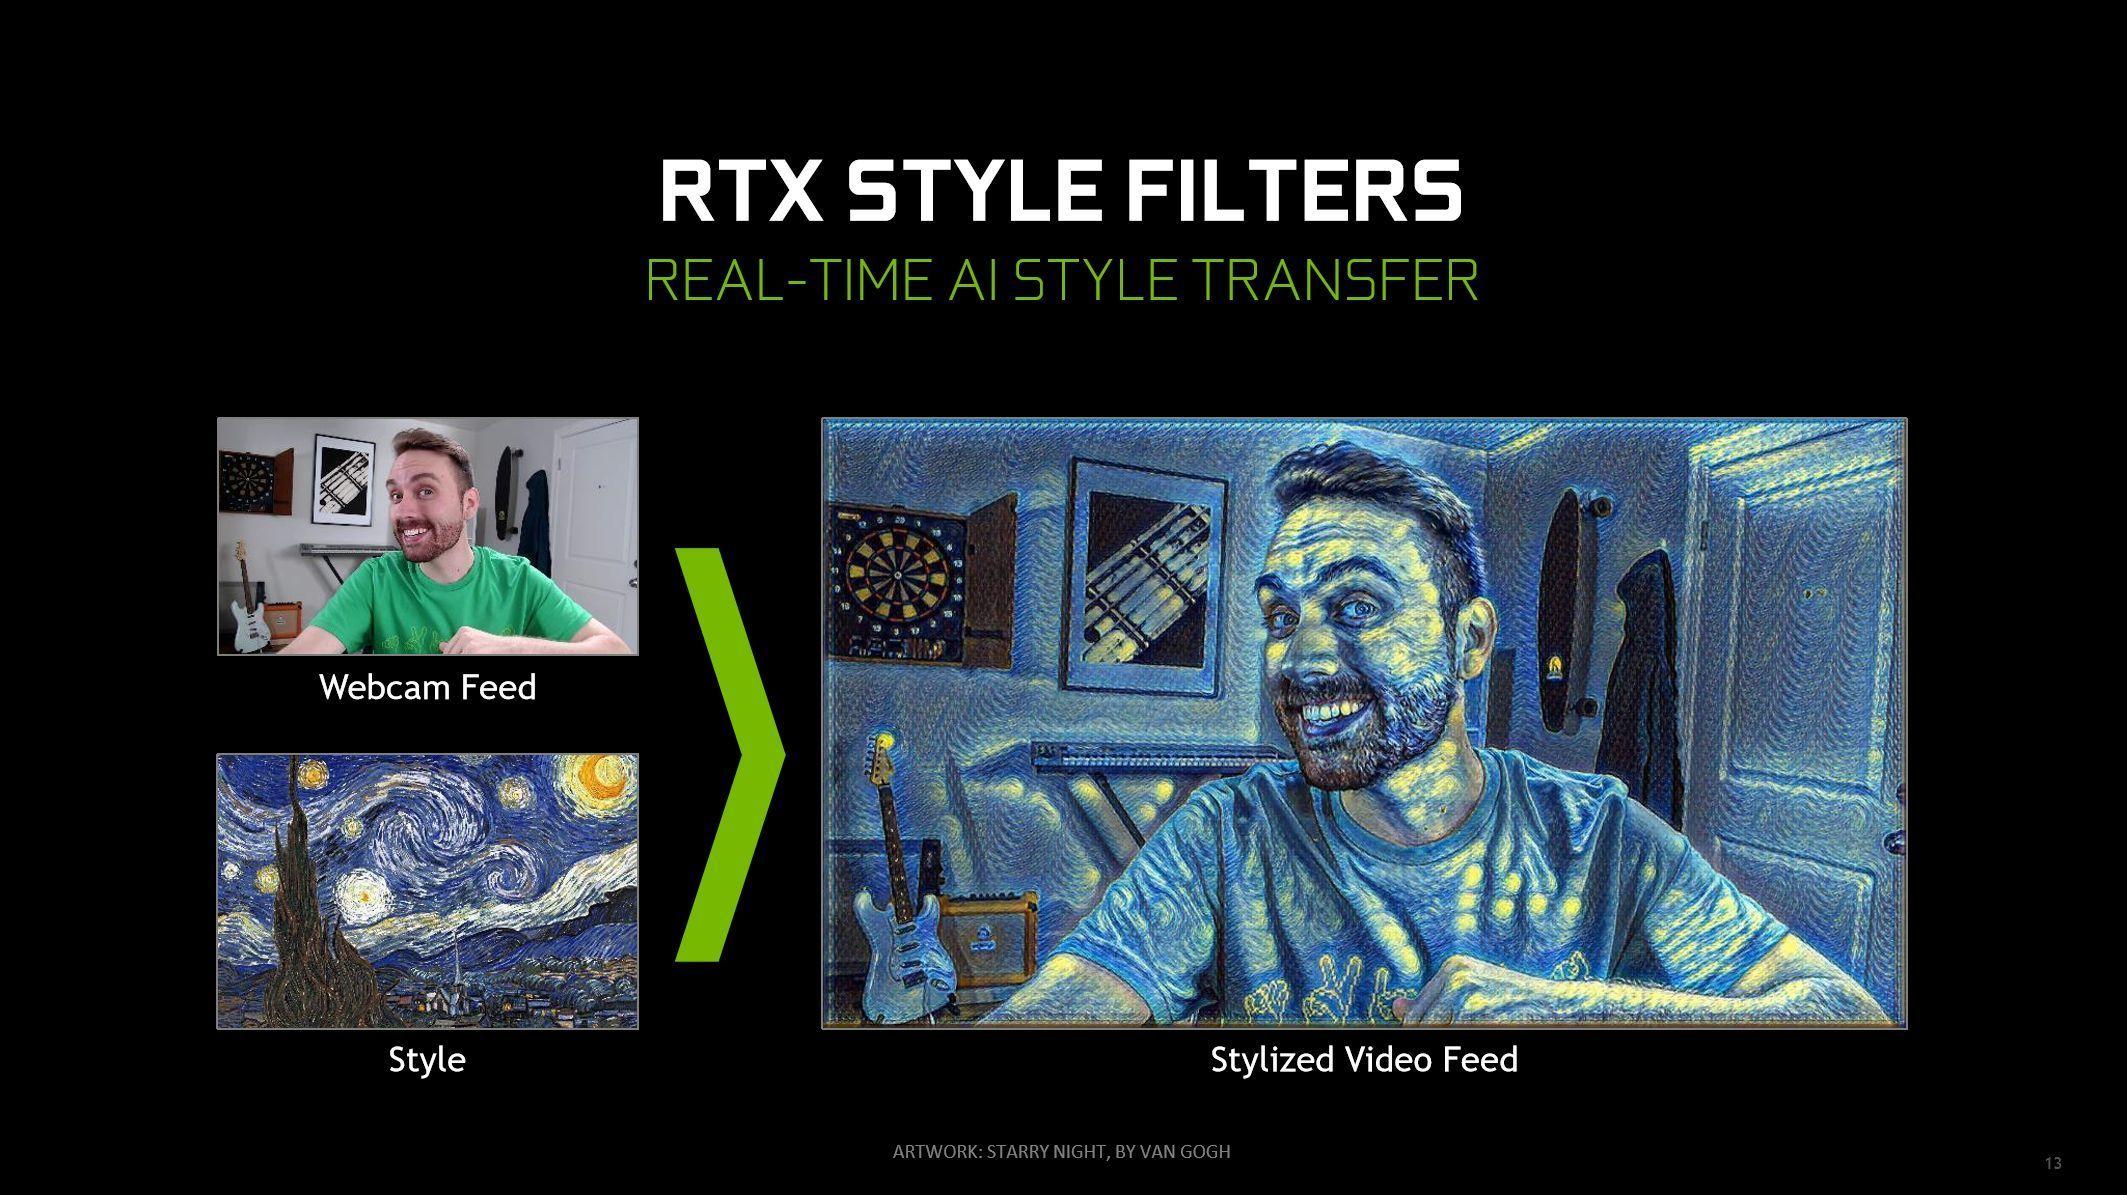 حان وقت البث: محرك البث NVIDIA RTX يجلب البث على منصة Twitch إلى الحياة مع تقنية الذكاء الاصطناعي